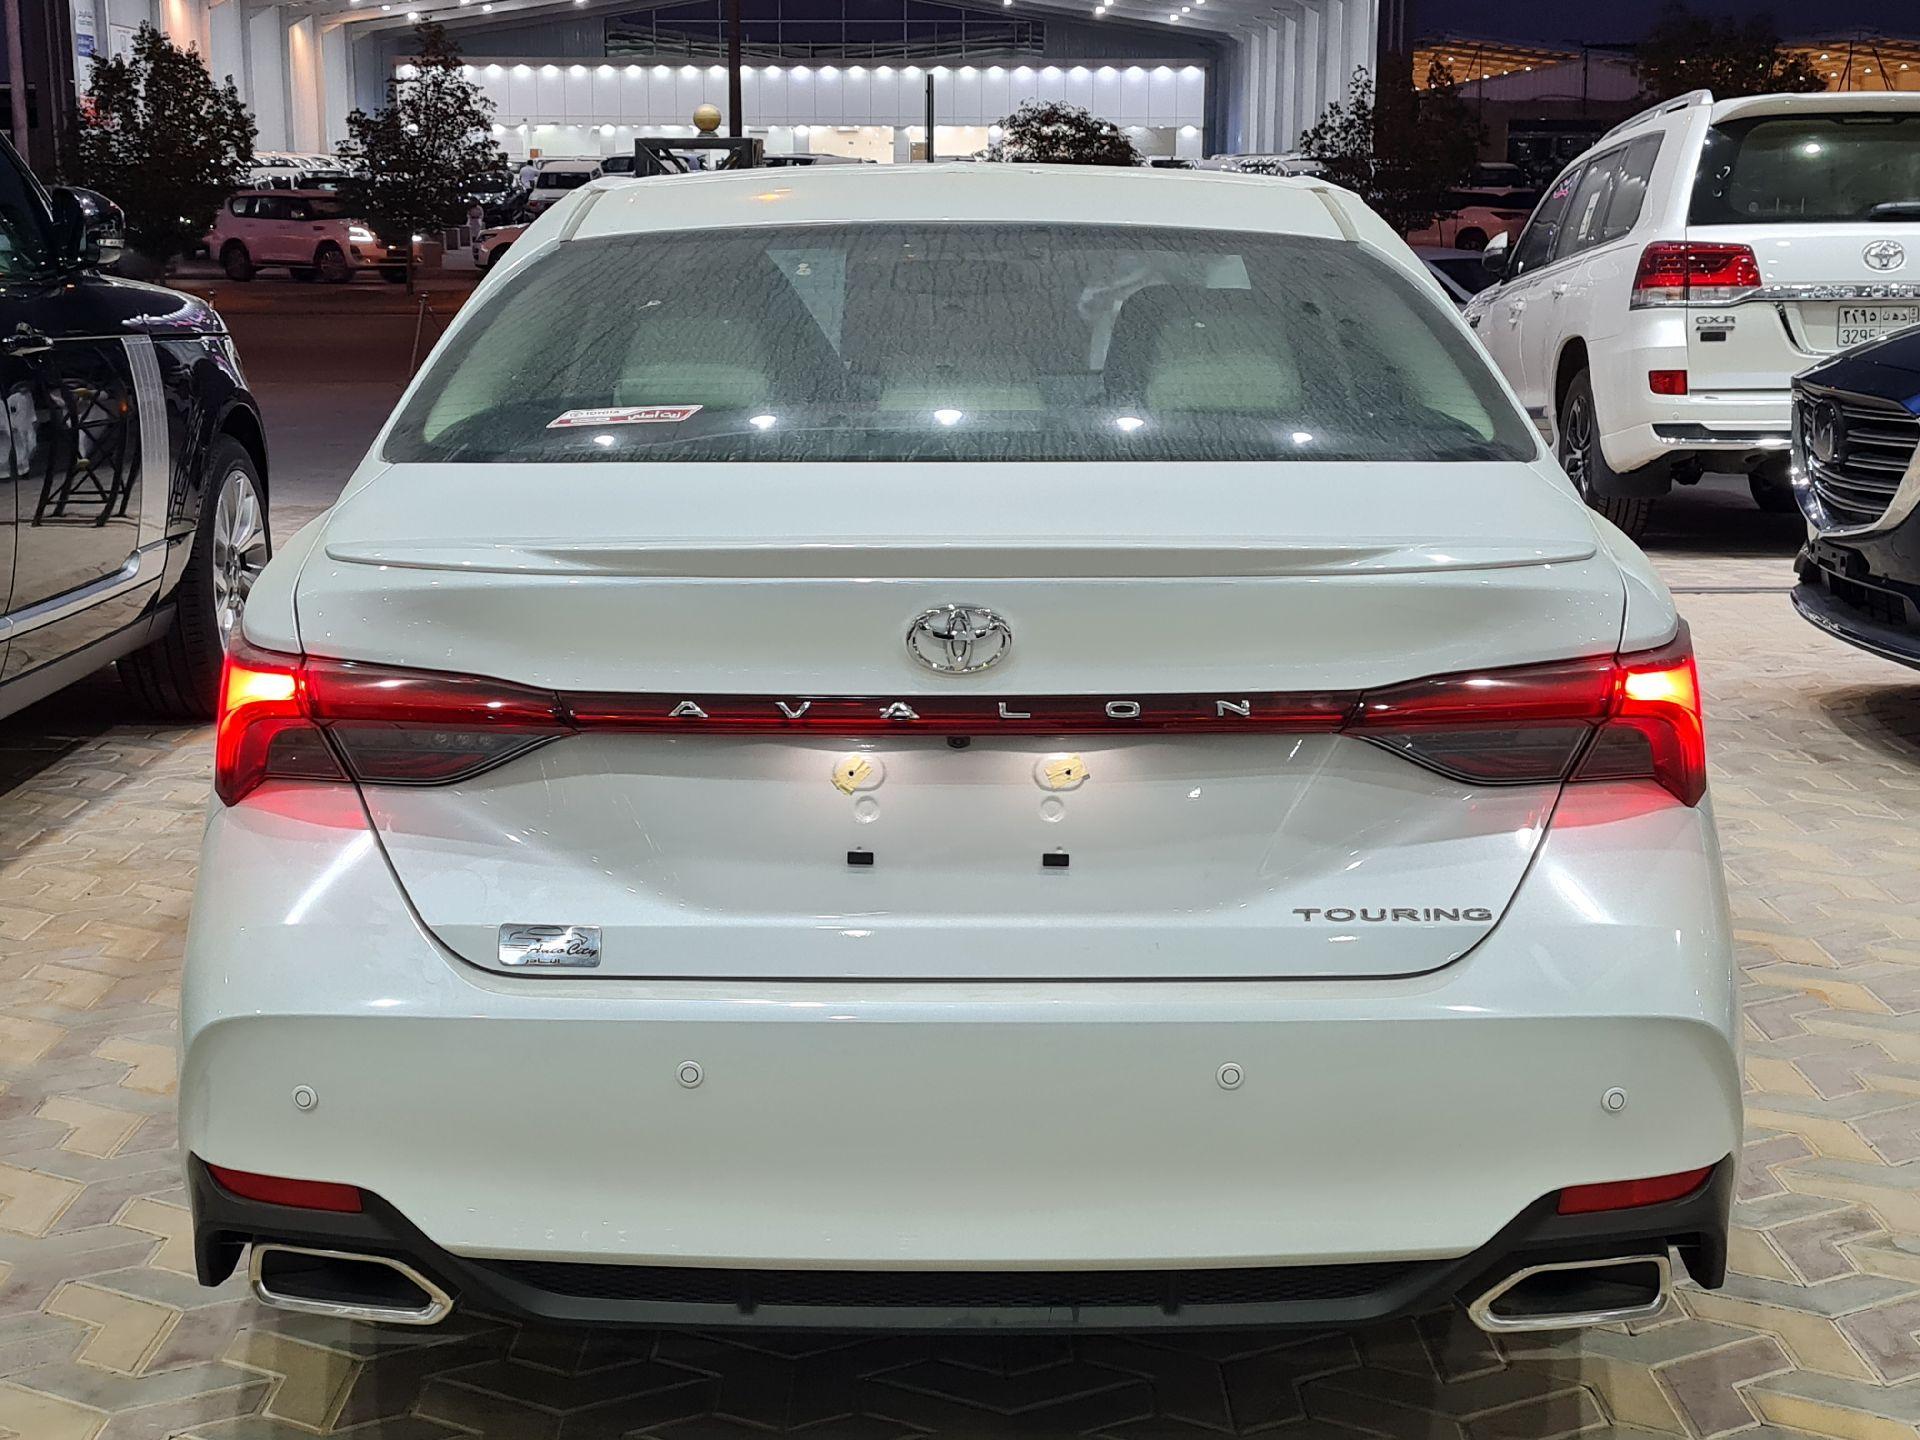 تويوتا افالون Touring نص فل 2021  سعودي جديد للبيع في الرياض - السعودية - صورة كبيرة - 7